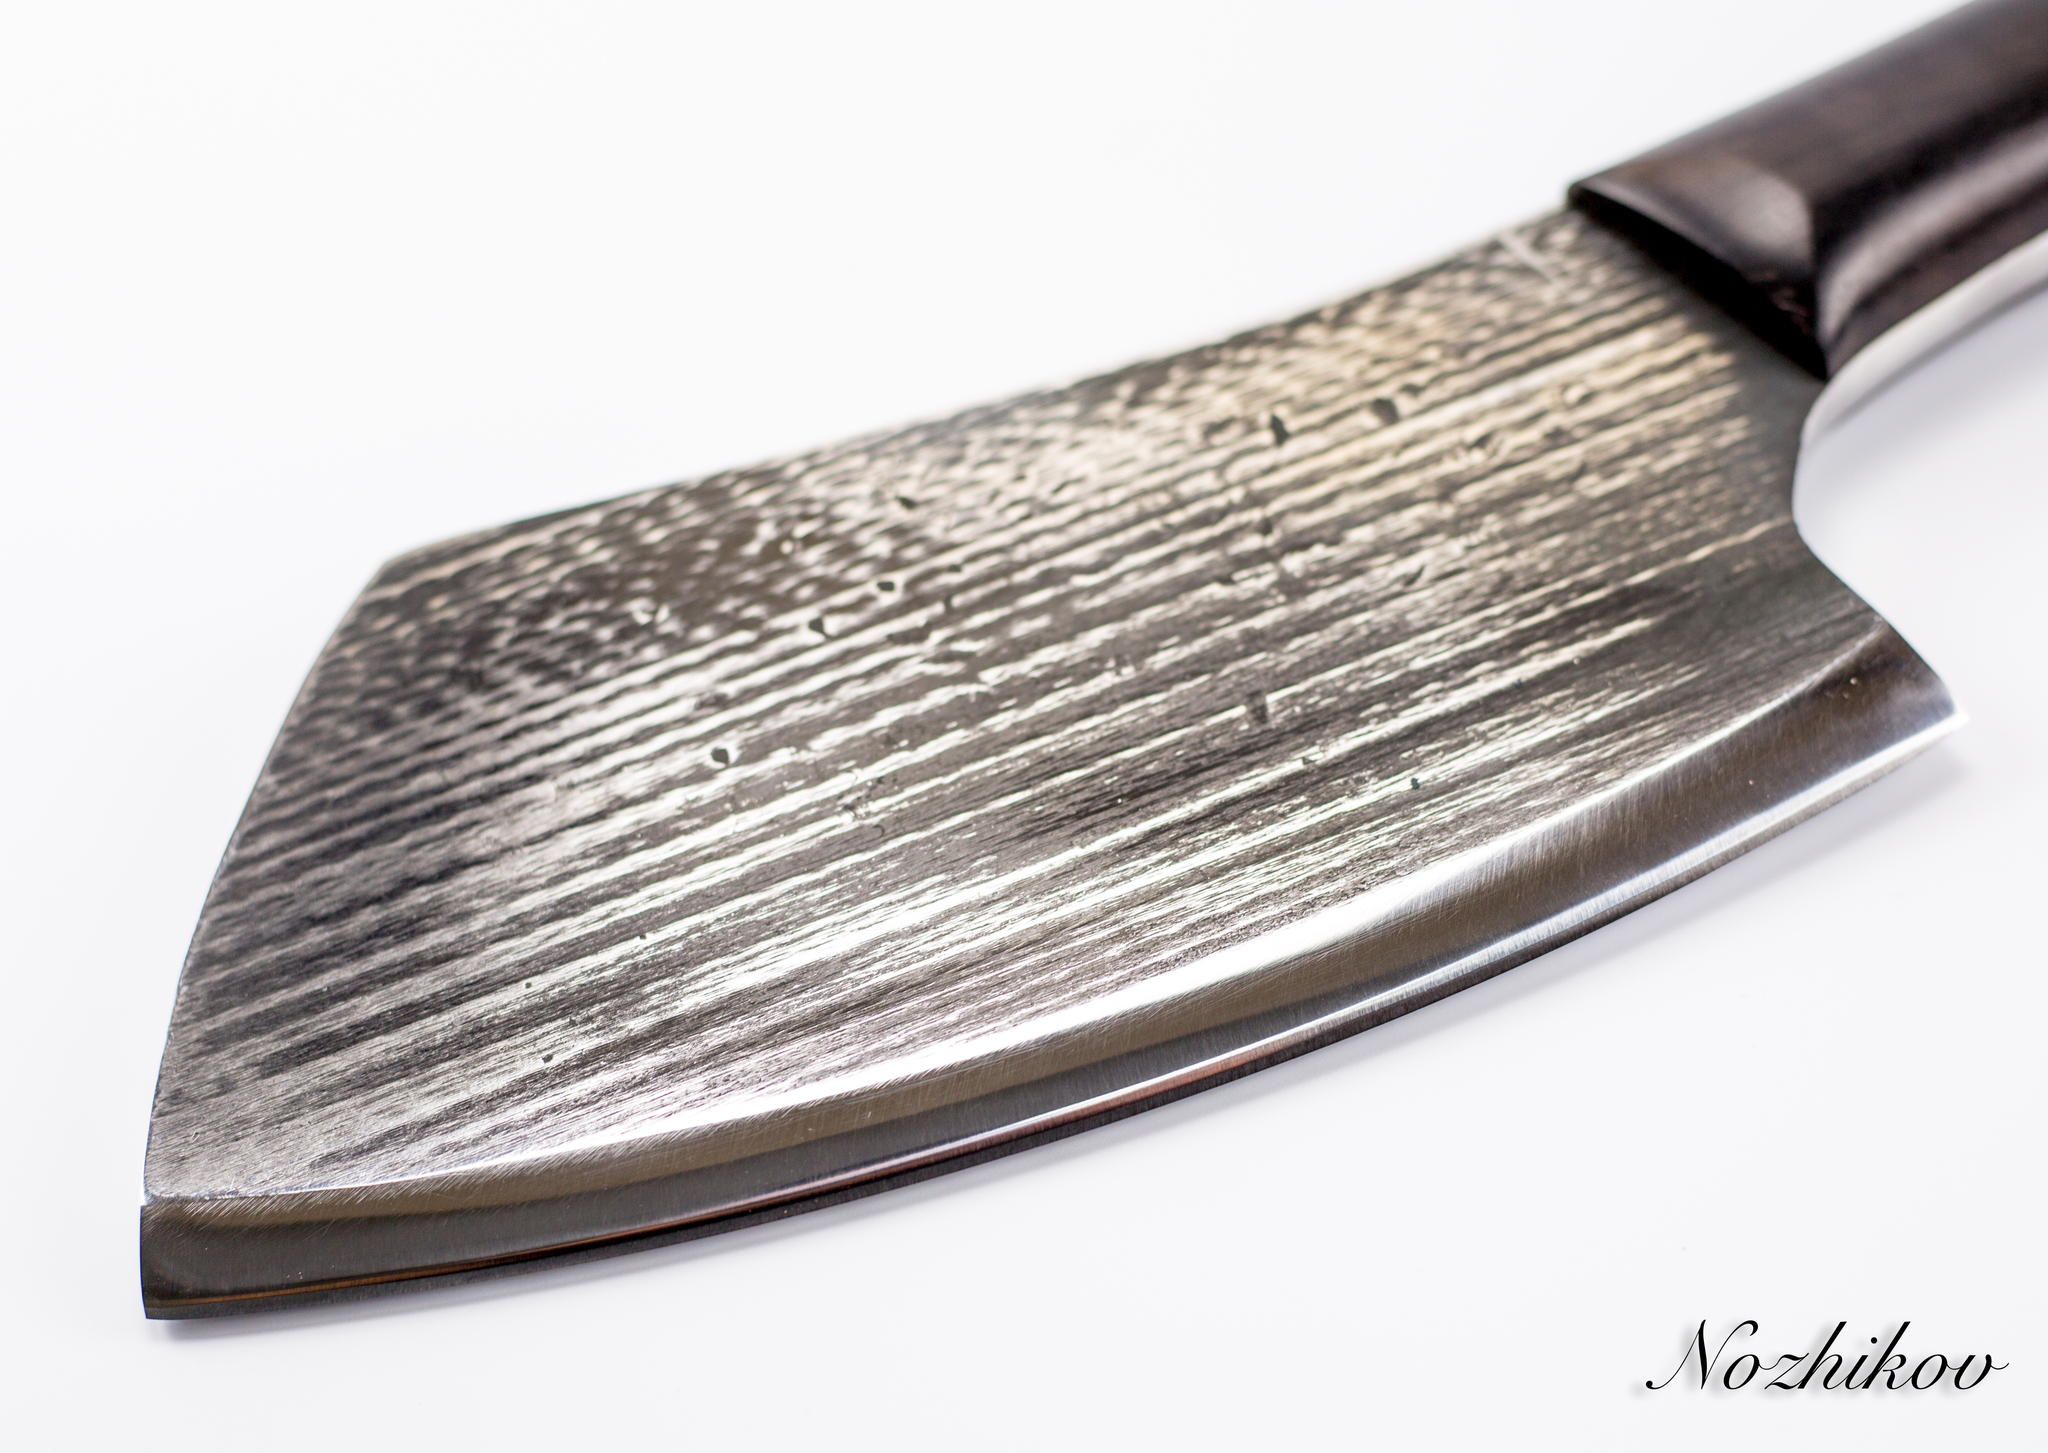 Фото 9 - Тяпка для мяса №8, сталь У8 от Мастерская Климентьева